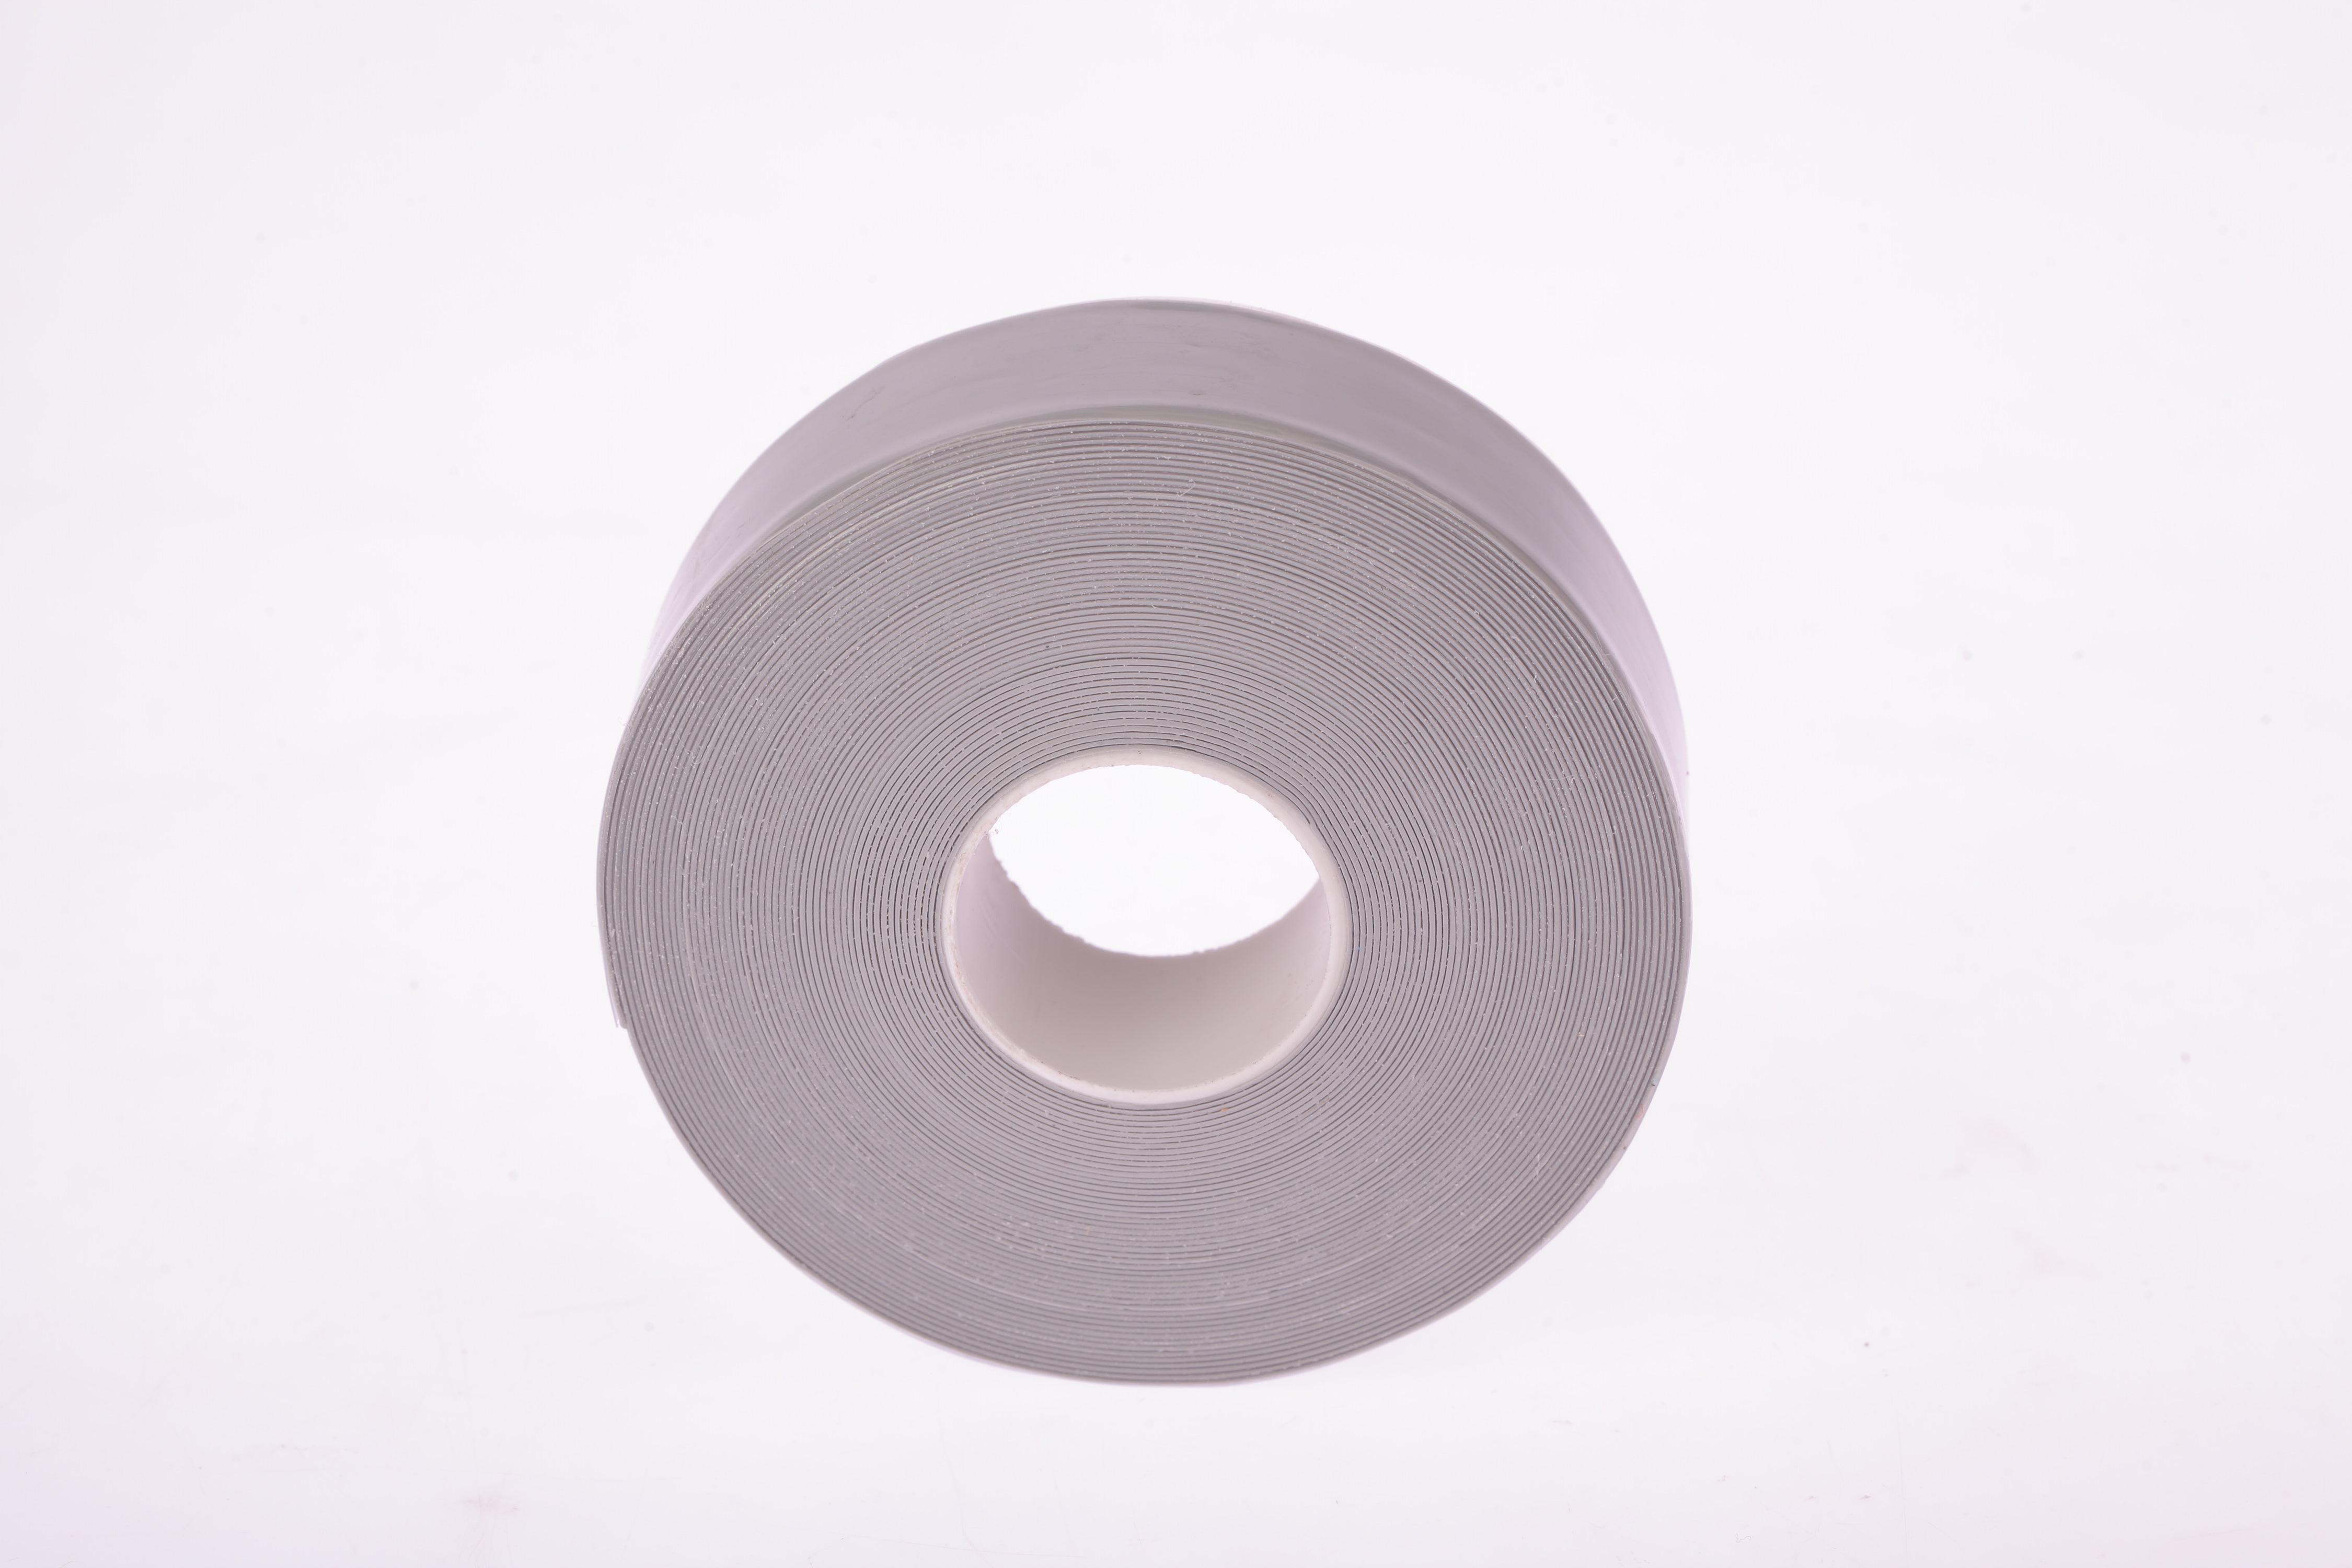 供应HB1521硅橡胶绝缘自粘带 等同3m70硅橡胶自粘带